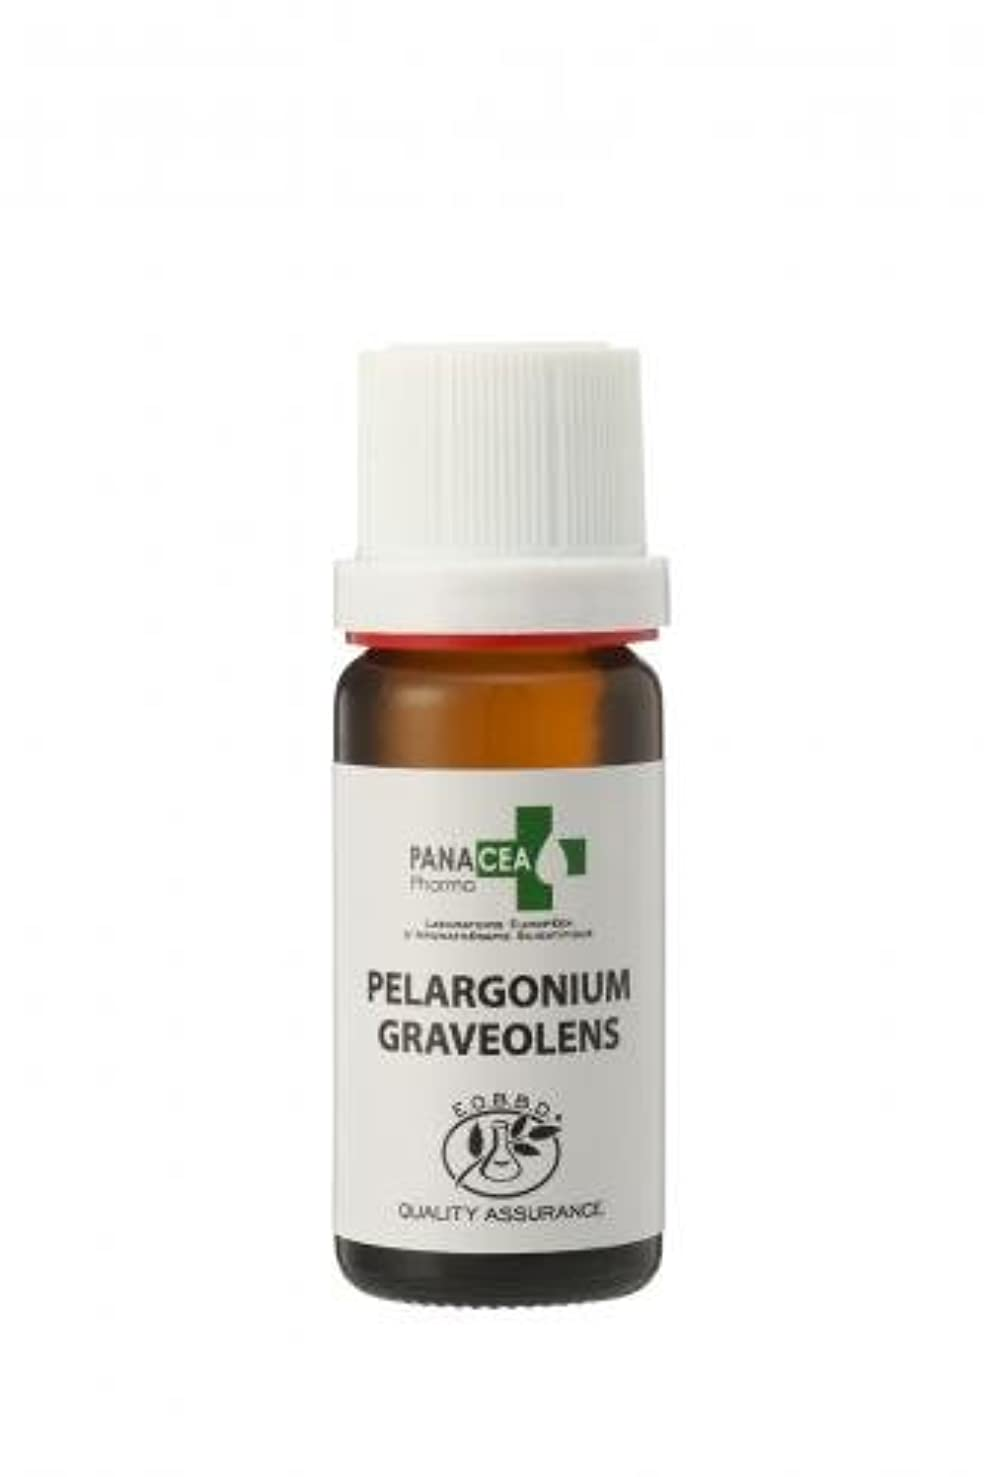 受け入れ弱い最終ゼラニウム エジプト (Pelargonium graveolens) エッセンシャルオイル PANACEA PHARMA パナセア ファルマ